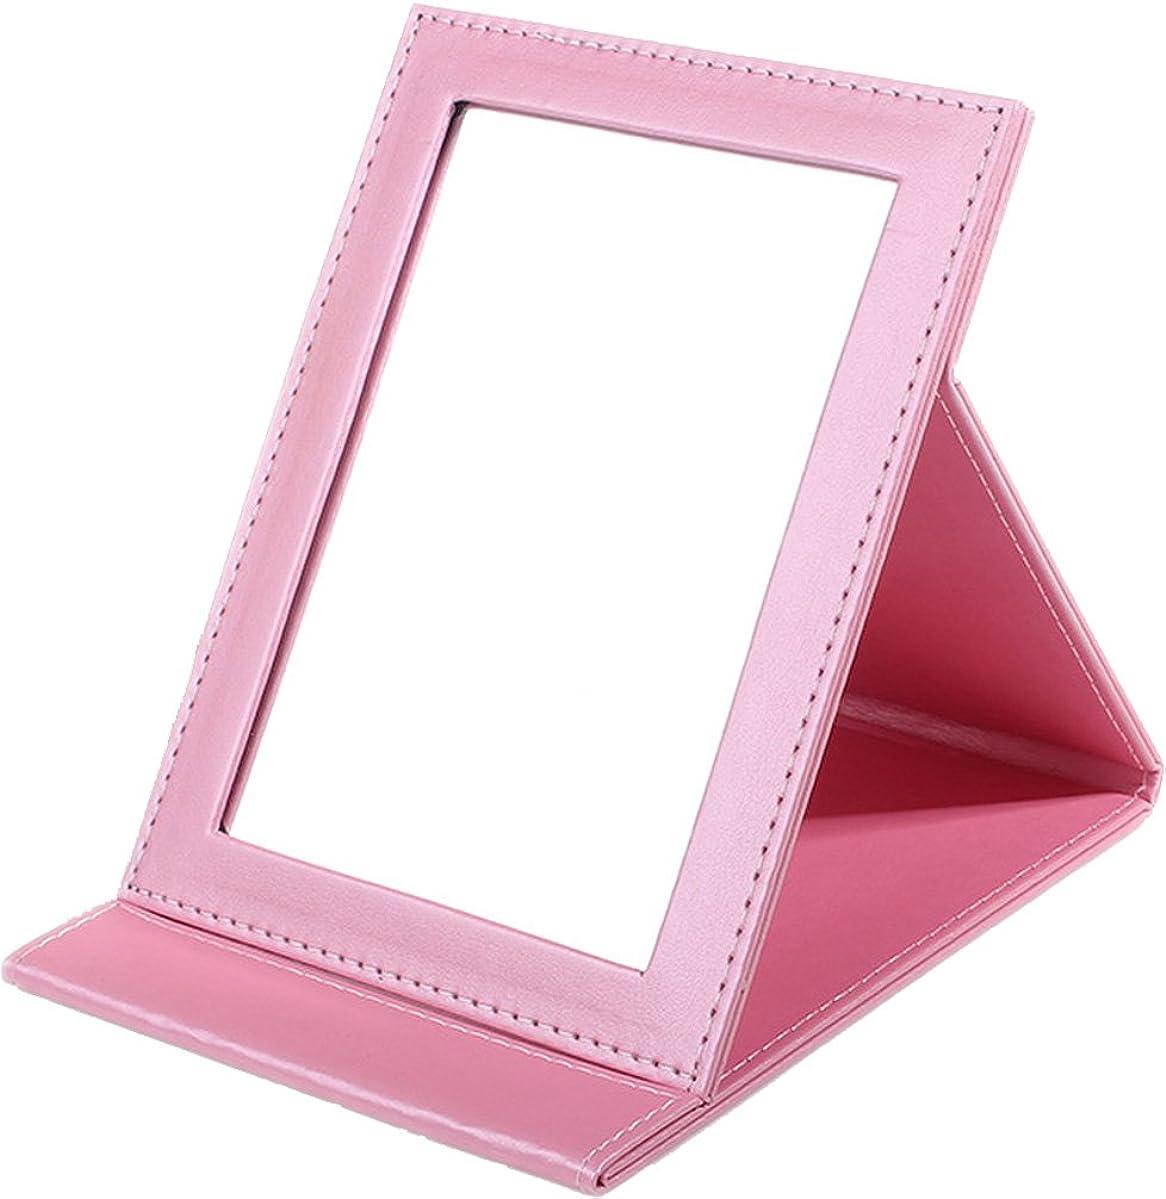 古い細部未払いSunset House 折りたたみミラー レザー 鏡 ピンク 小 中 大 3サイズ (L)